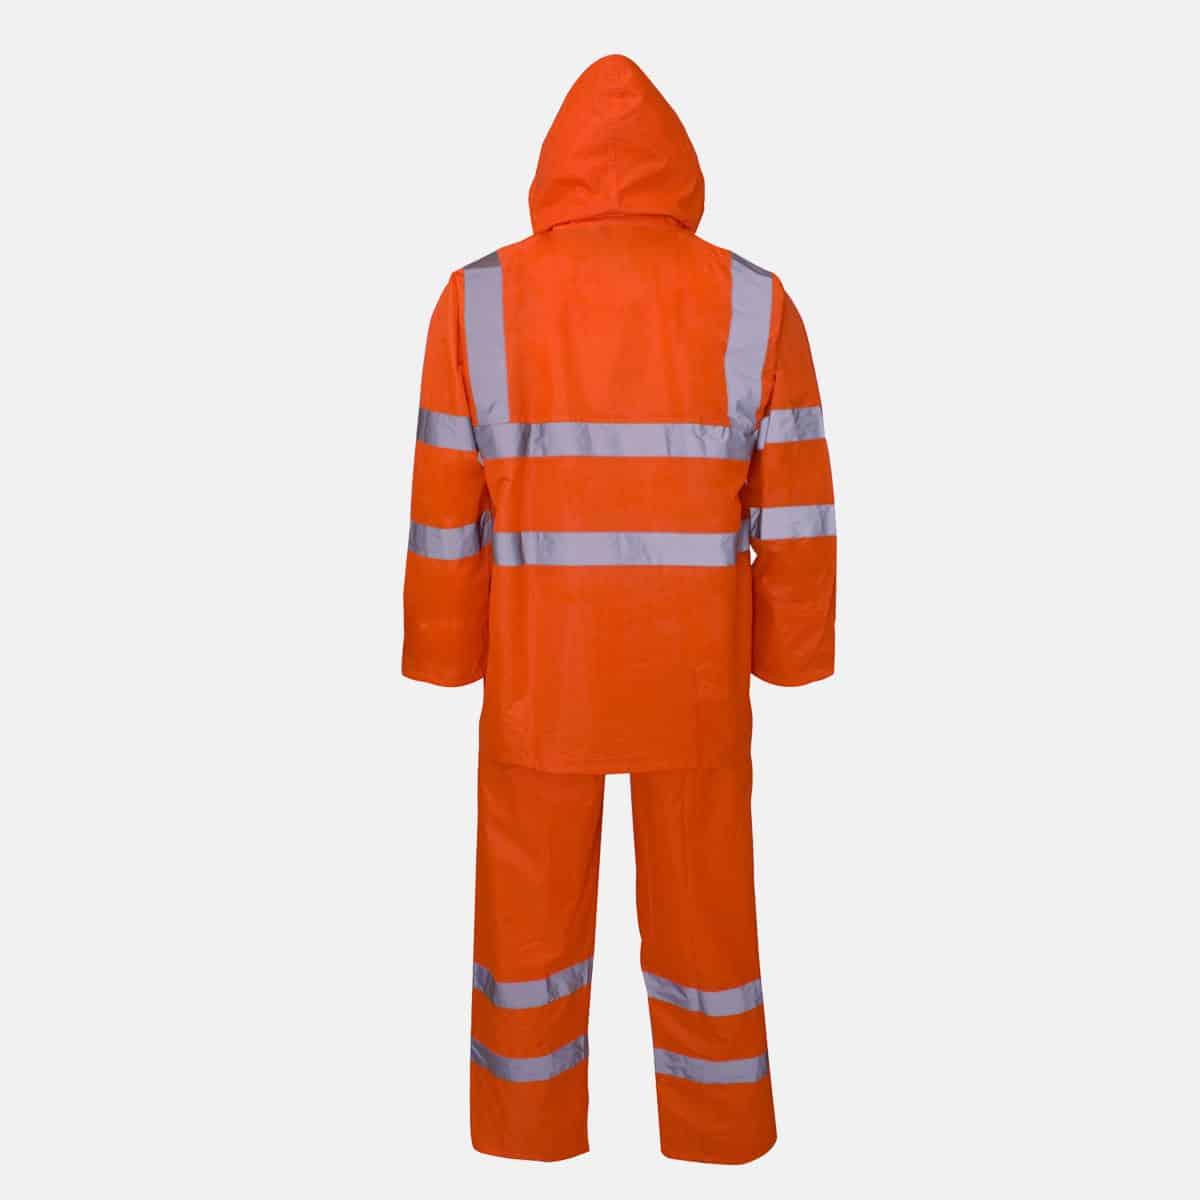 Polyester/PVC Hi Vis Orange Rainsuit by Supertouch